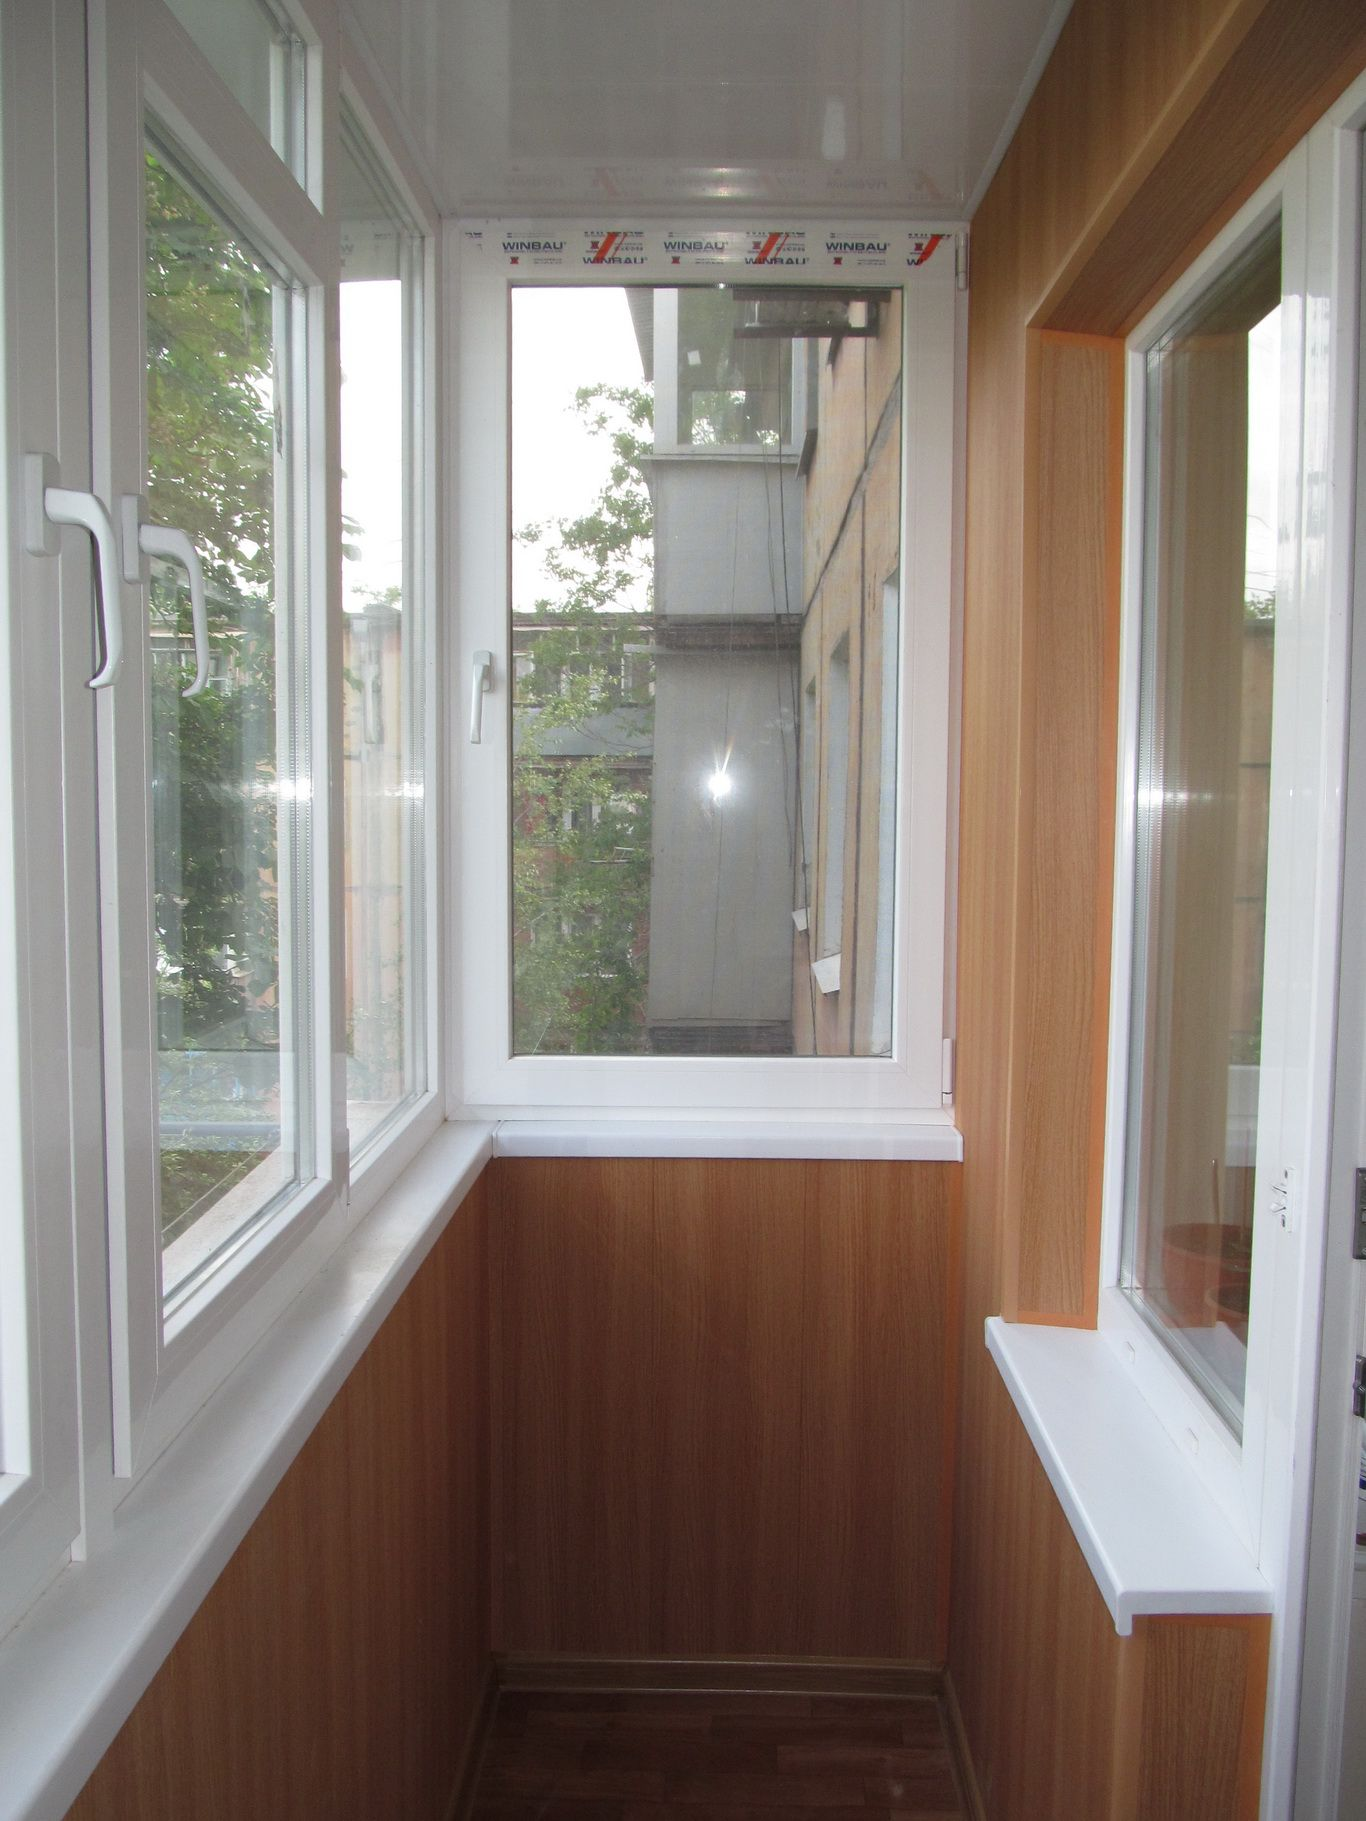 Фирма балконы и лоджии. - галерея работ утепление - каталог .